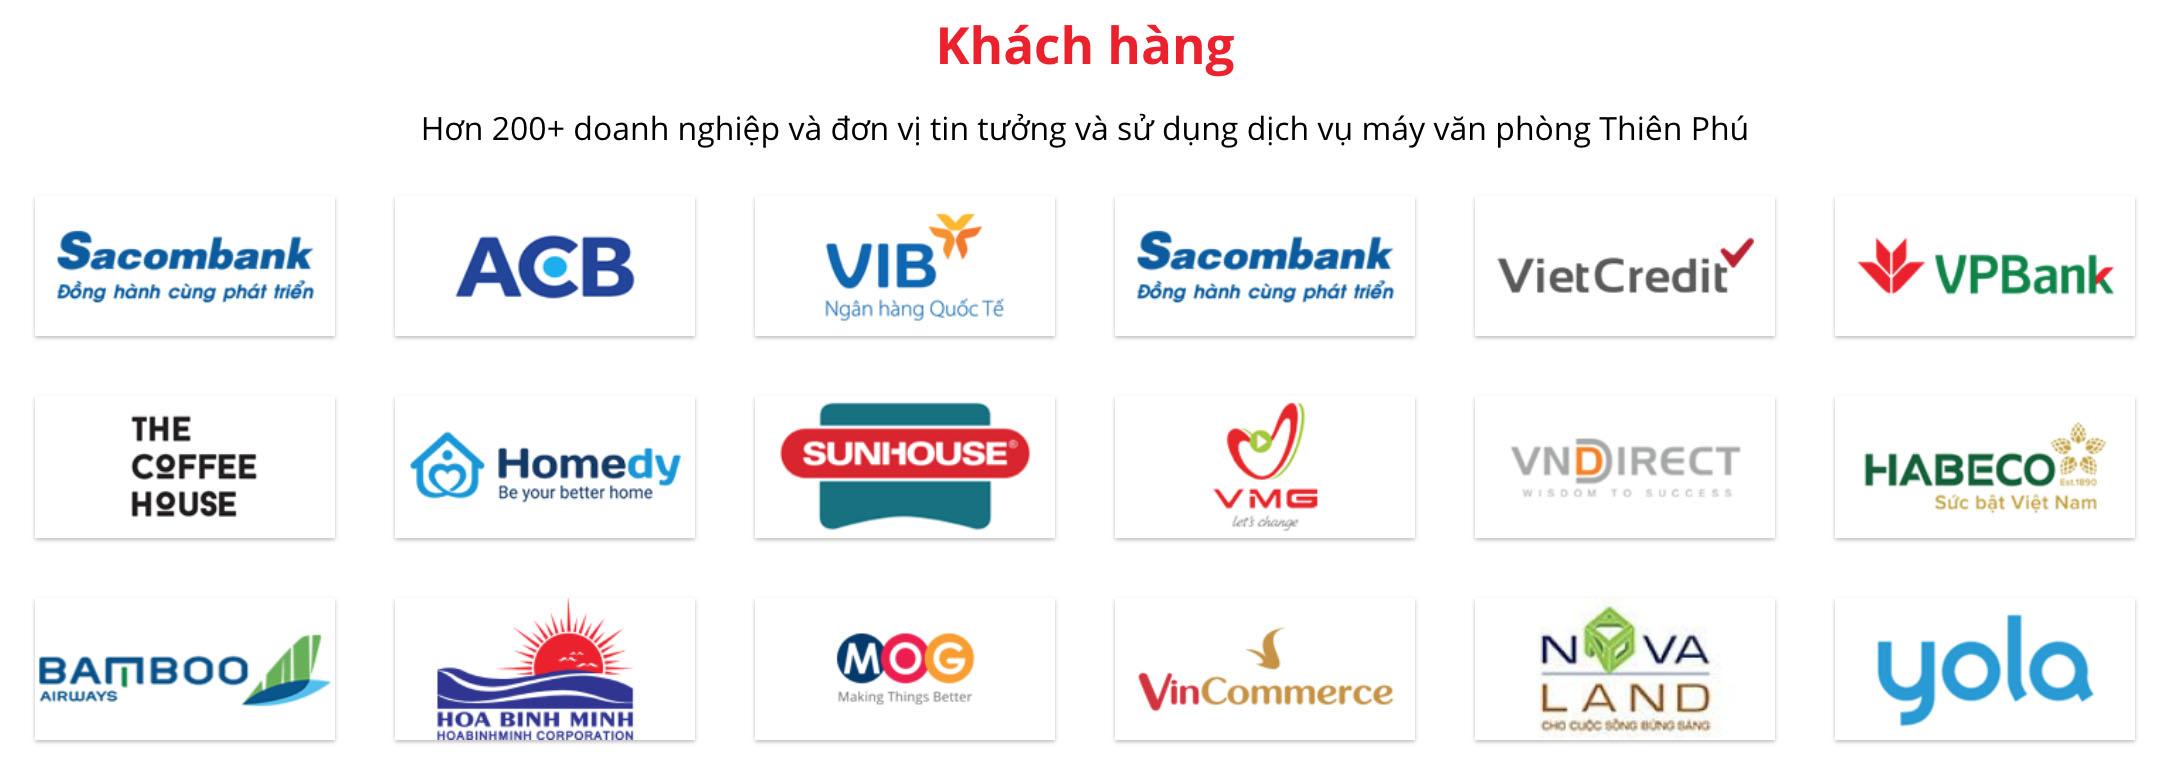 Một số khách hàng lớn đã sử dụng dịch vụ